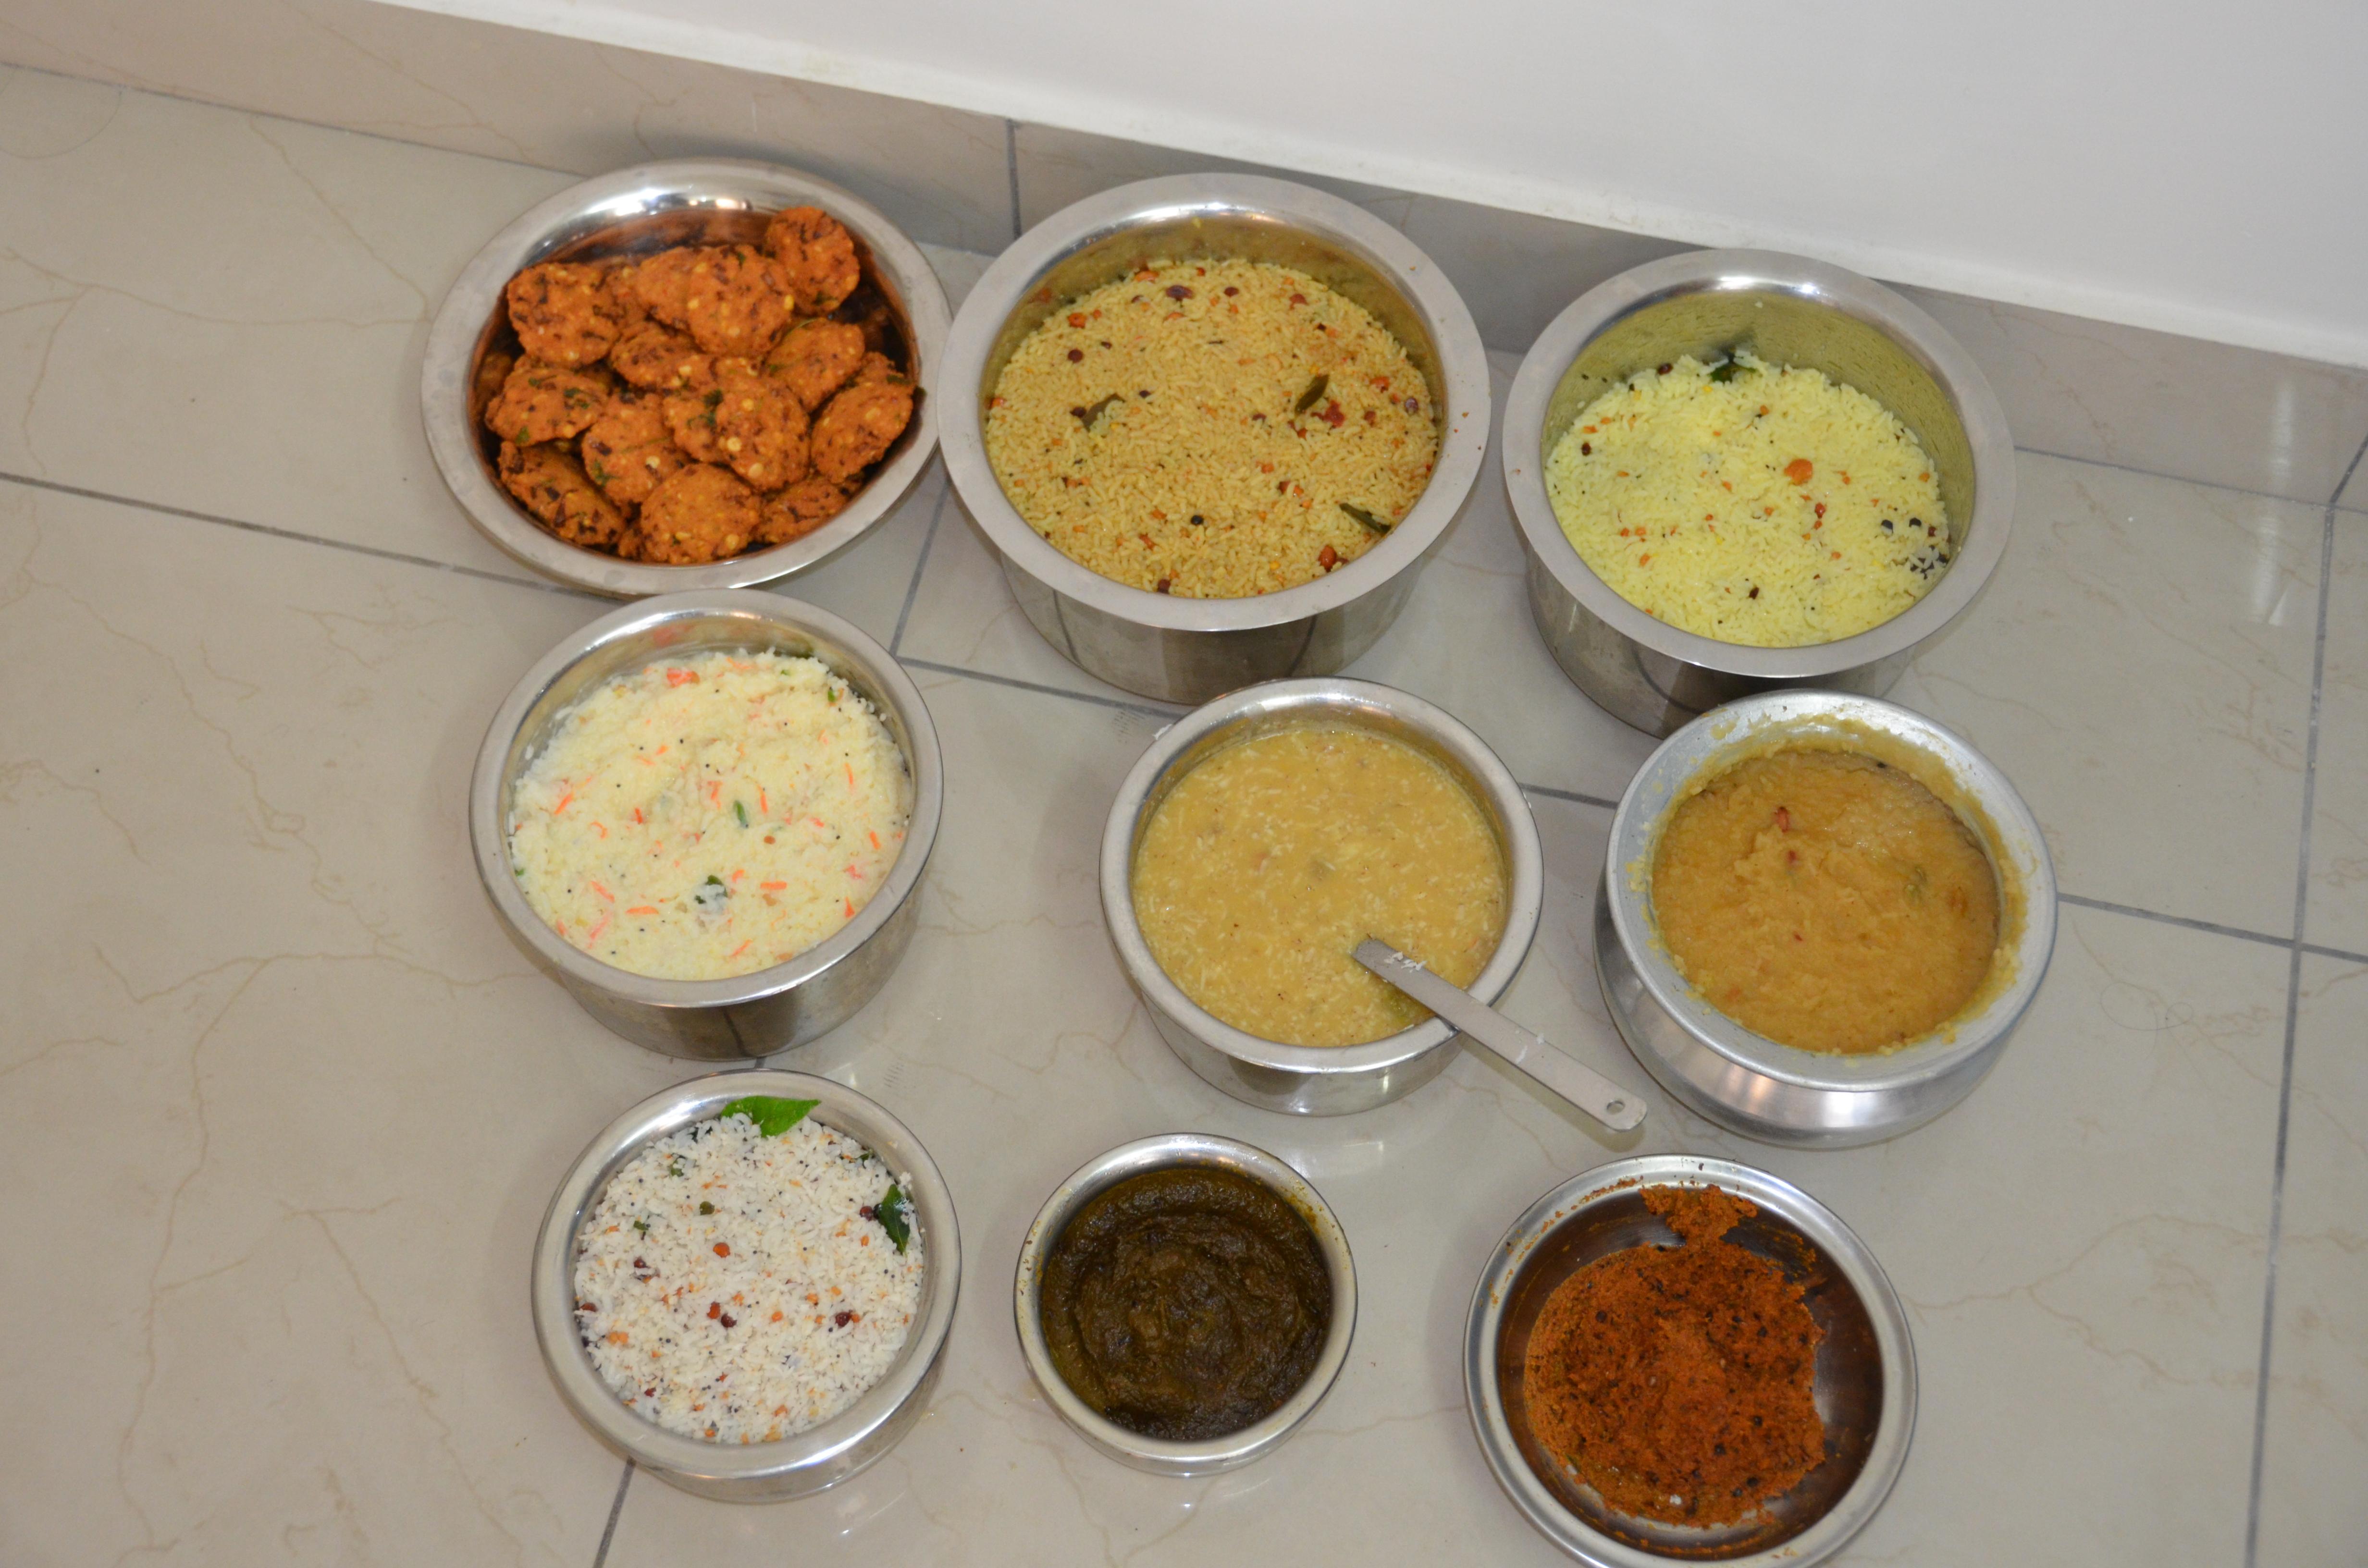 FileSeemandham food Baby shower foodJPG Wikimedia mons